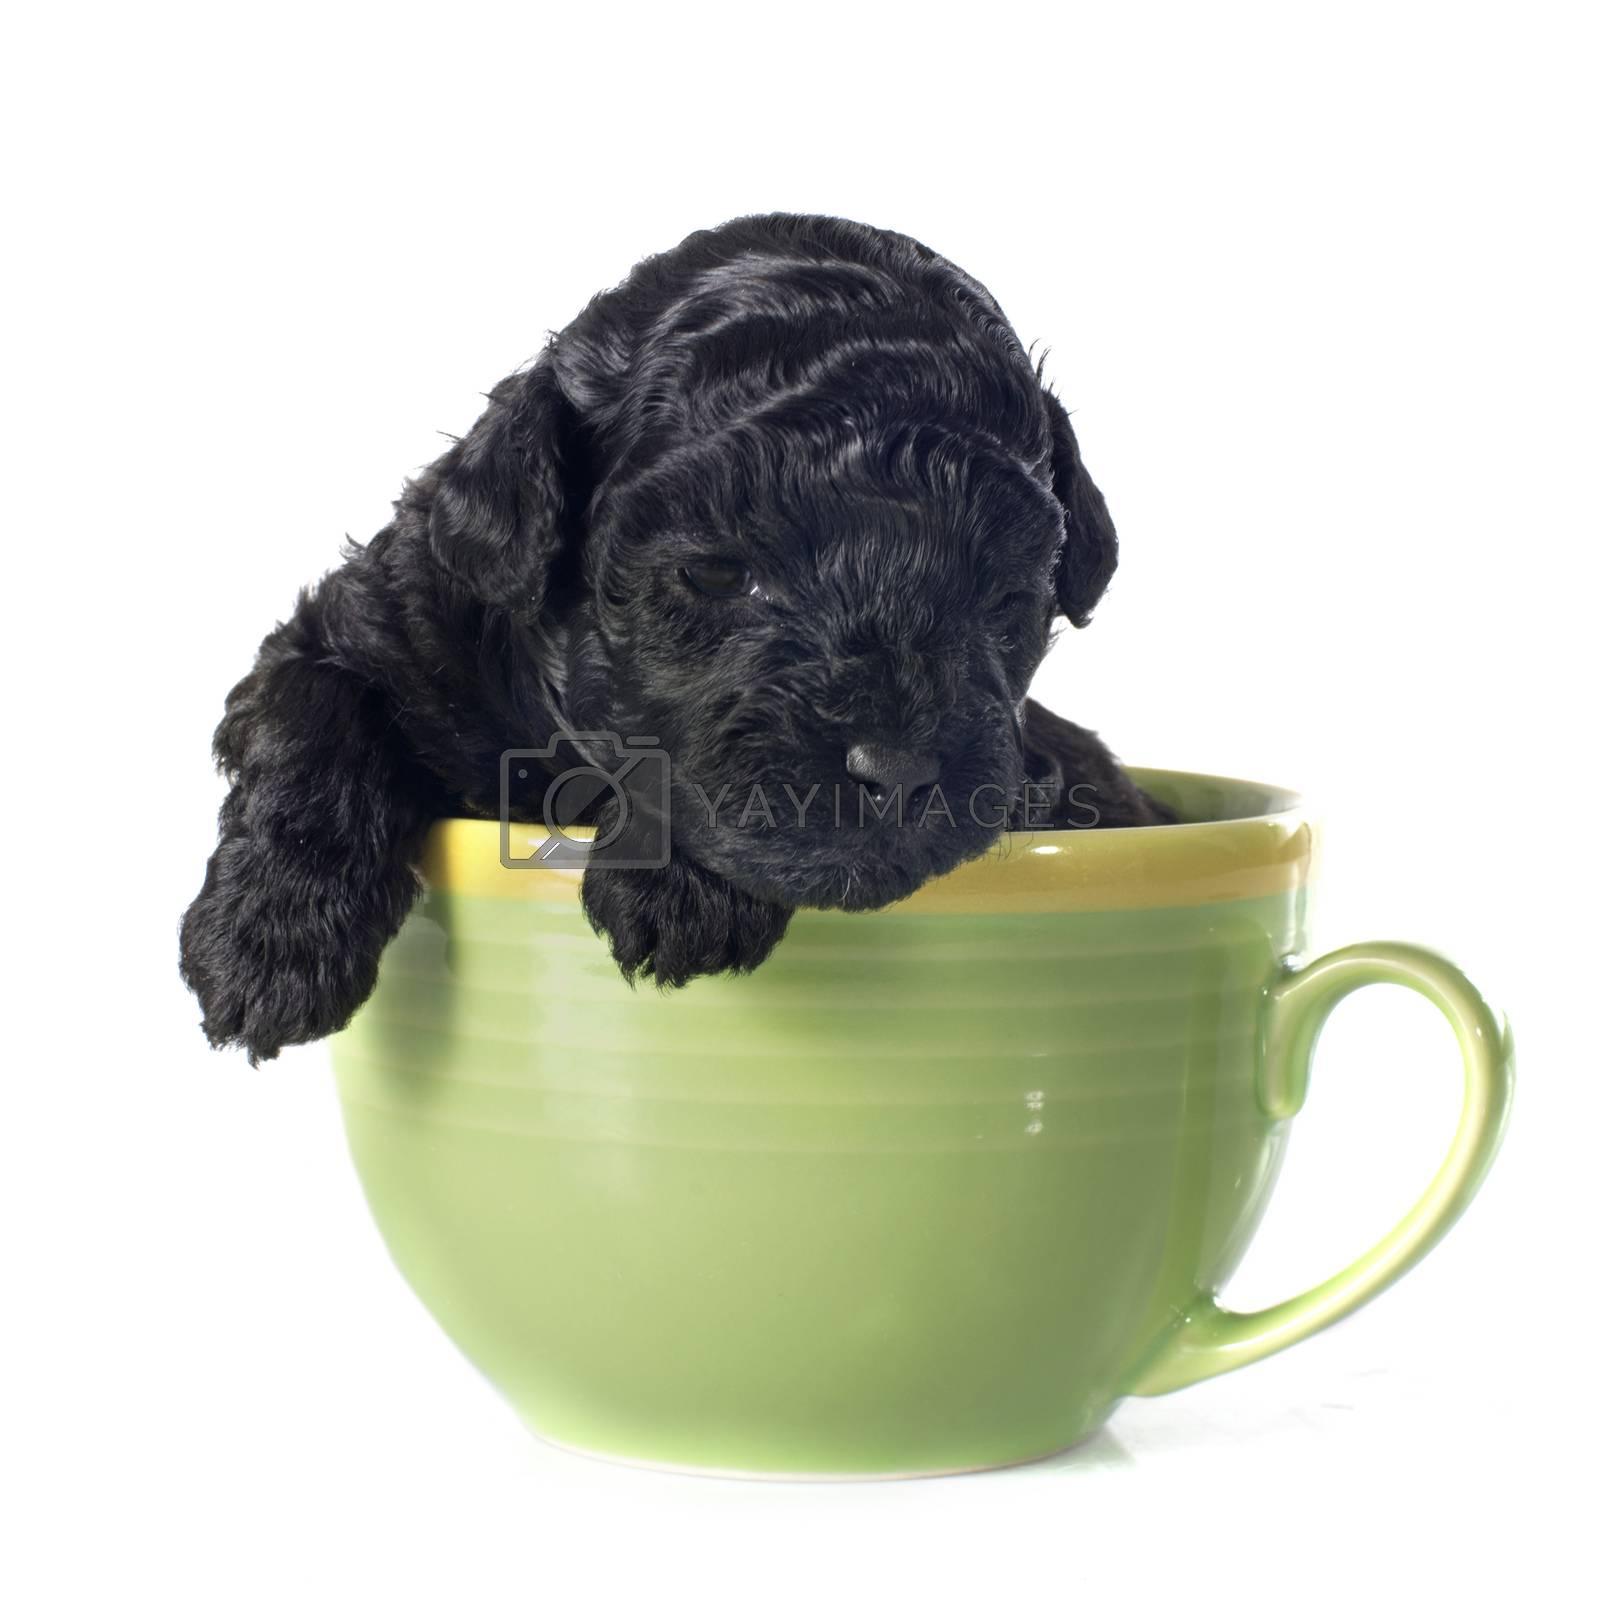 puppy poodle by cynoclub